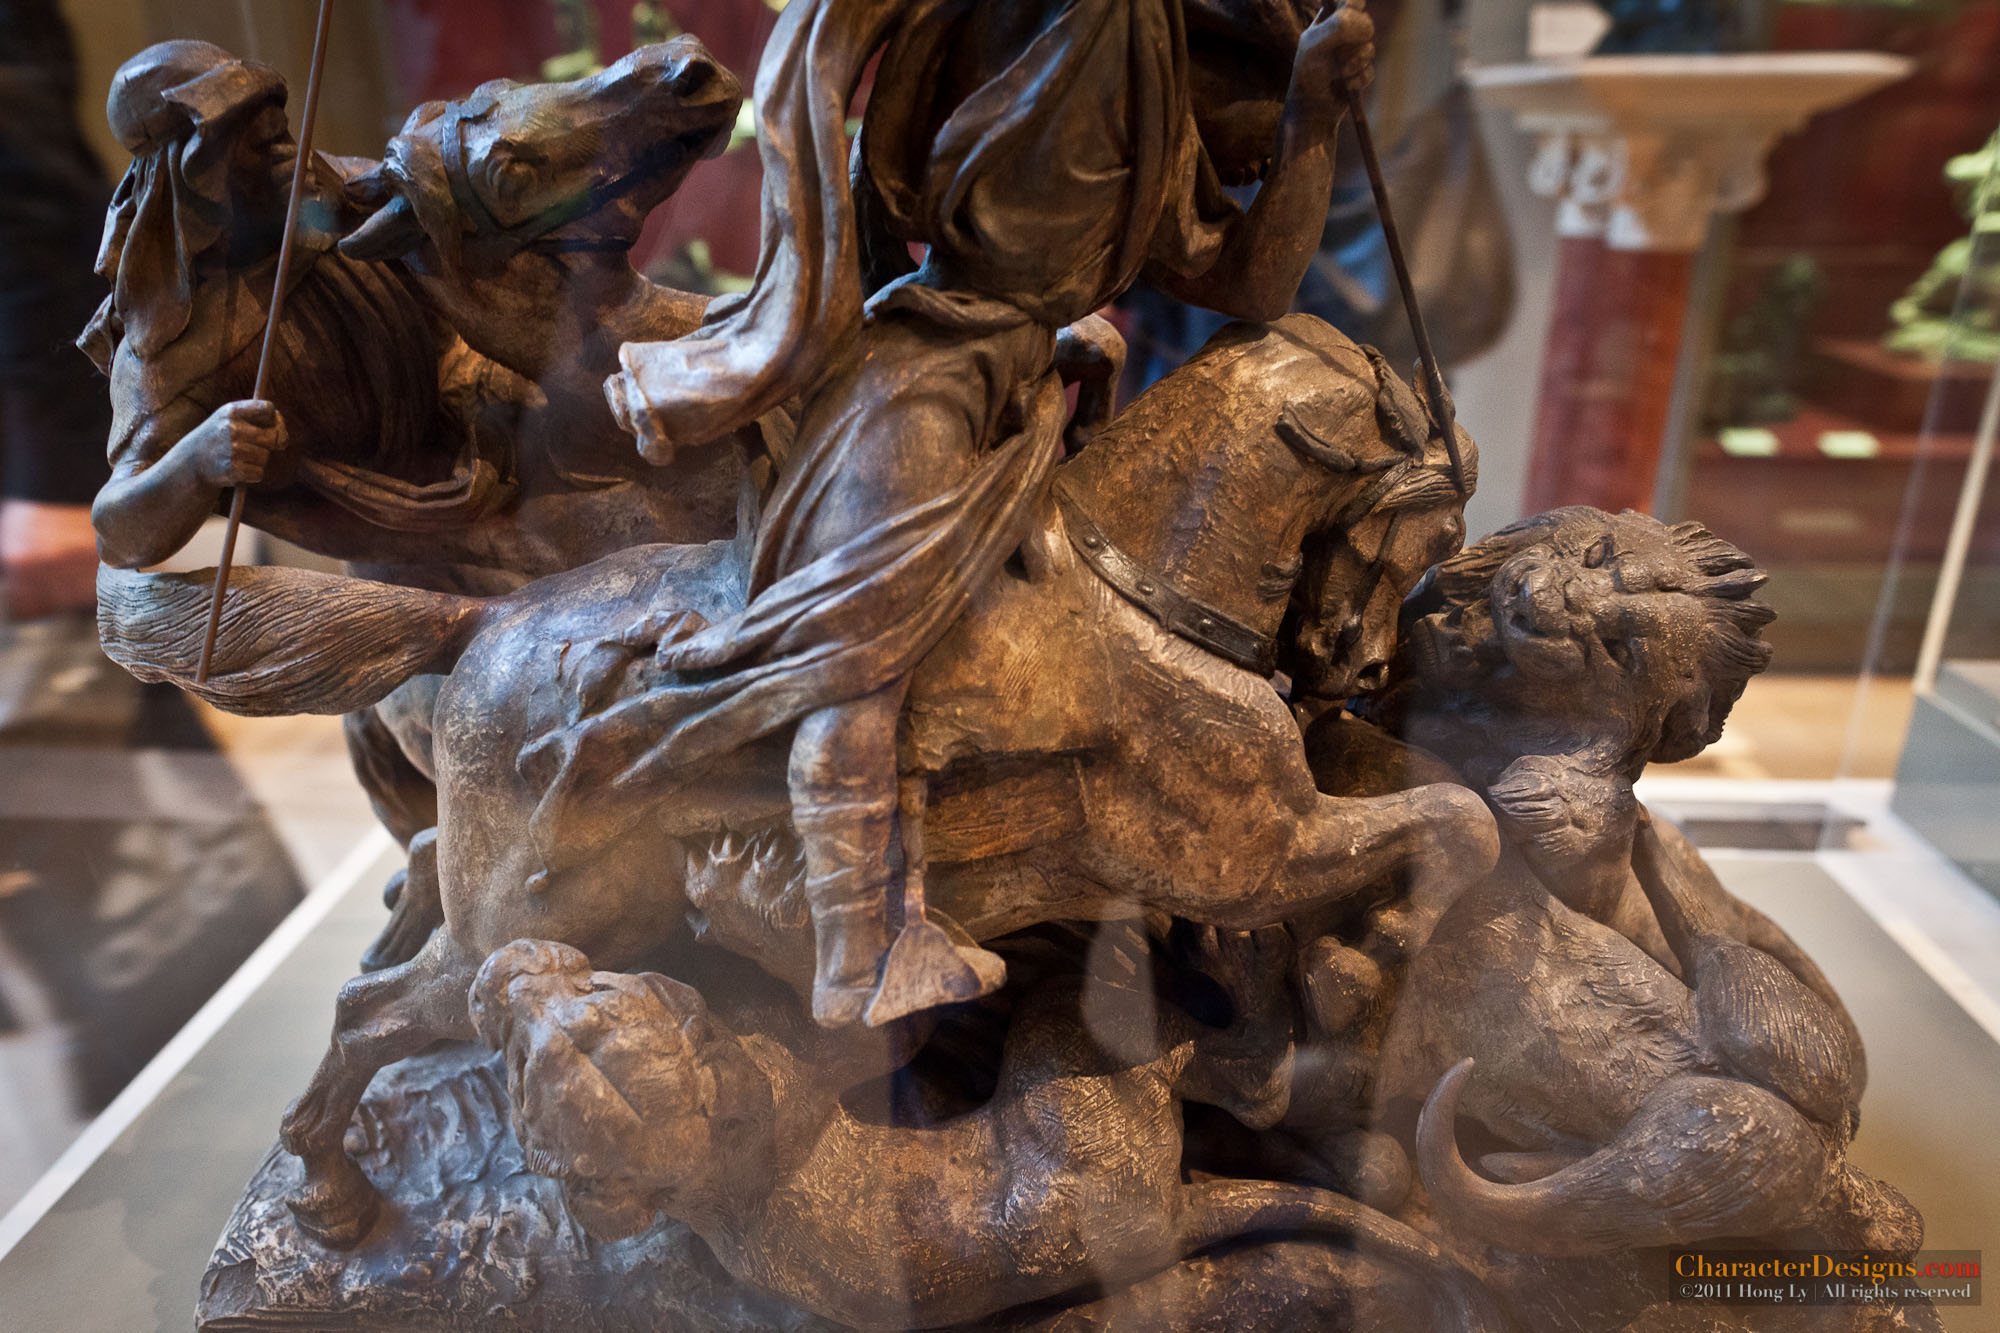 louvre sculptures 599.jpg